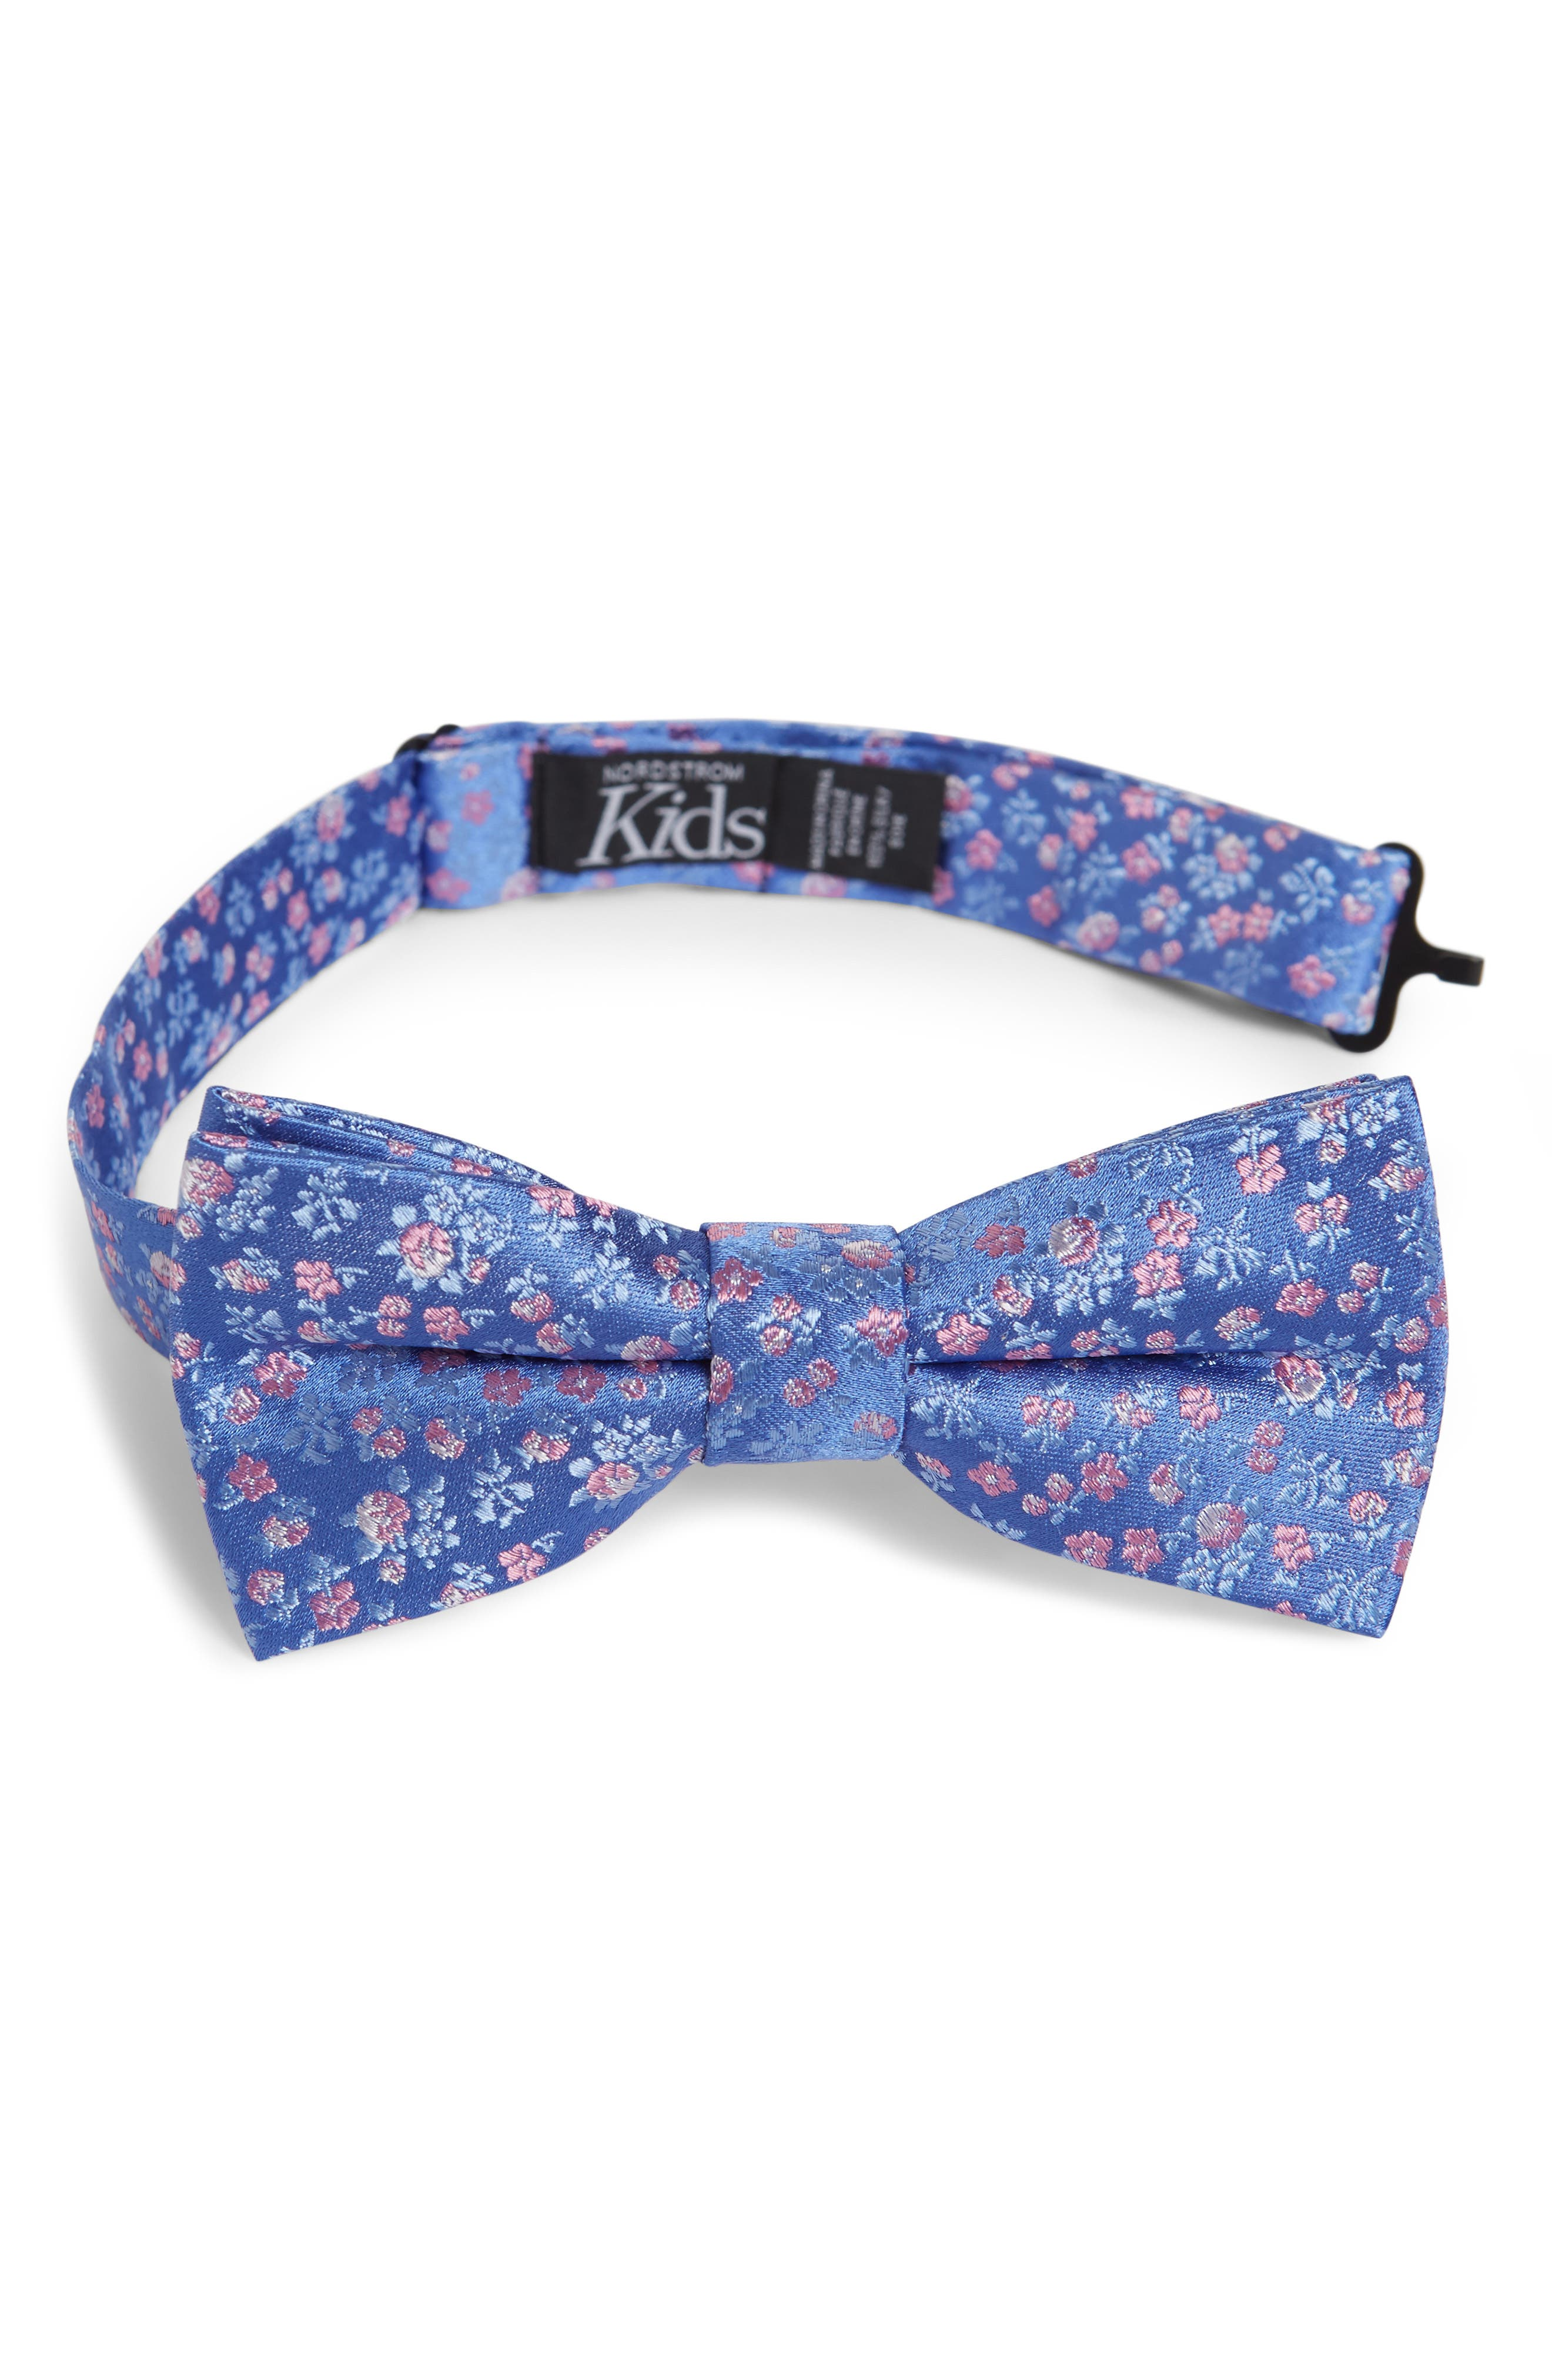 Boys Nordstrom Daniel Floral Print Silk Bow Tie Size Big Boy  Blue